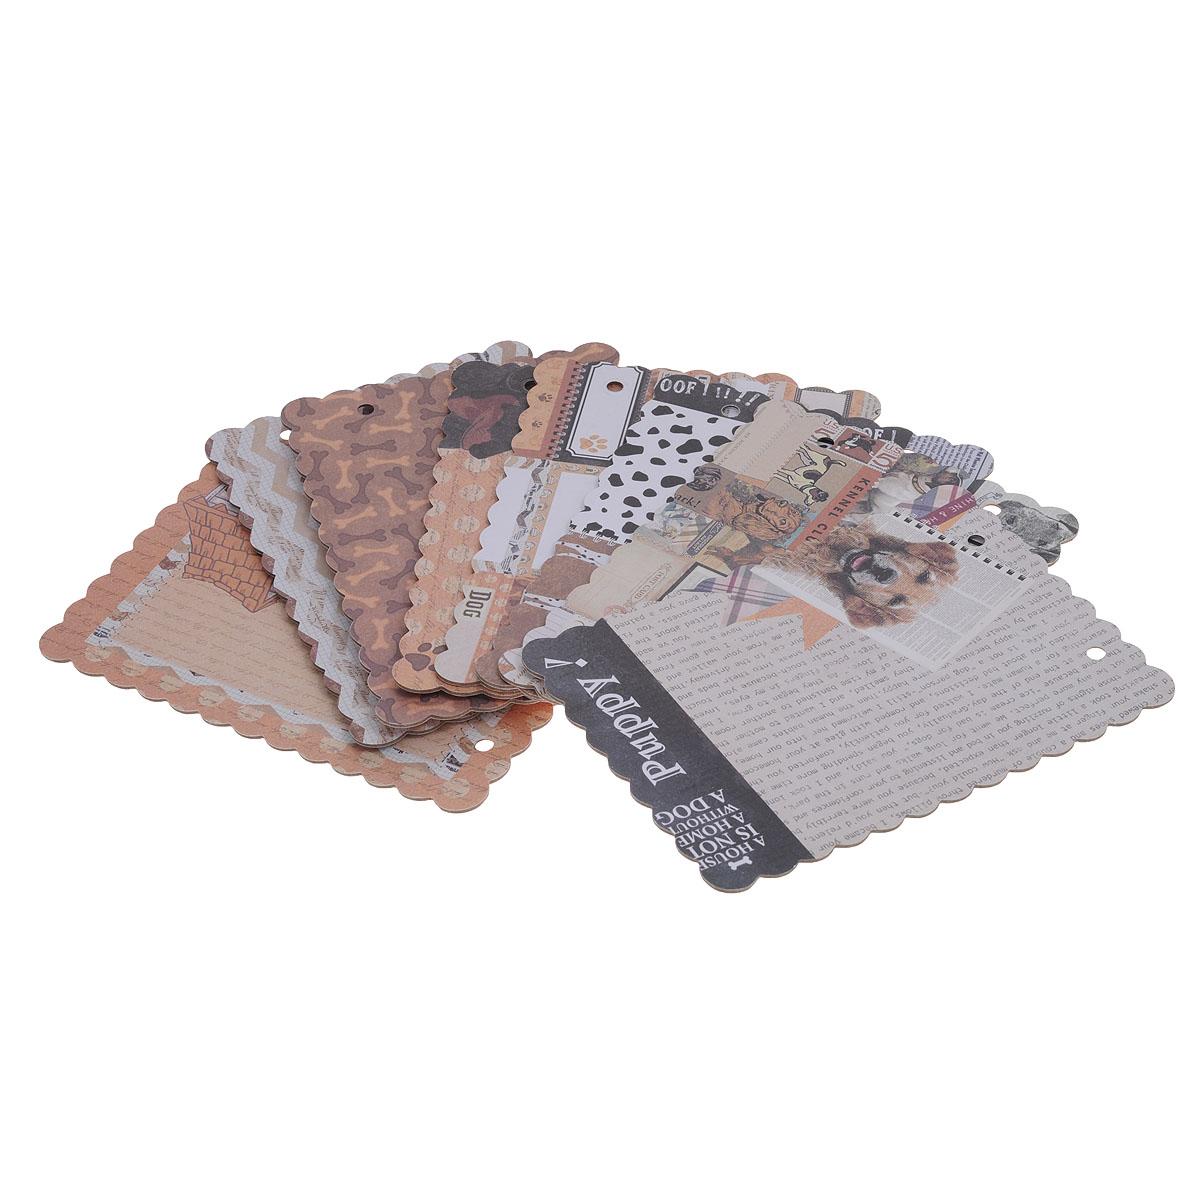 Набор для создания мини-альбома Сахарная косточка, 12,7 х 17,8 см485406Набор для создания мини-альбома Сахарная косточка позволит создать красивый альбом ручной работы. Набор включает 8 листов из плотной бумаги с разным дизайном и 2 кольца для альбома. Бумага не содержит лигнин и хлор.